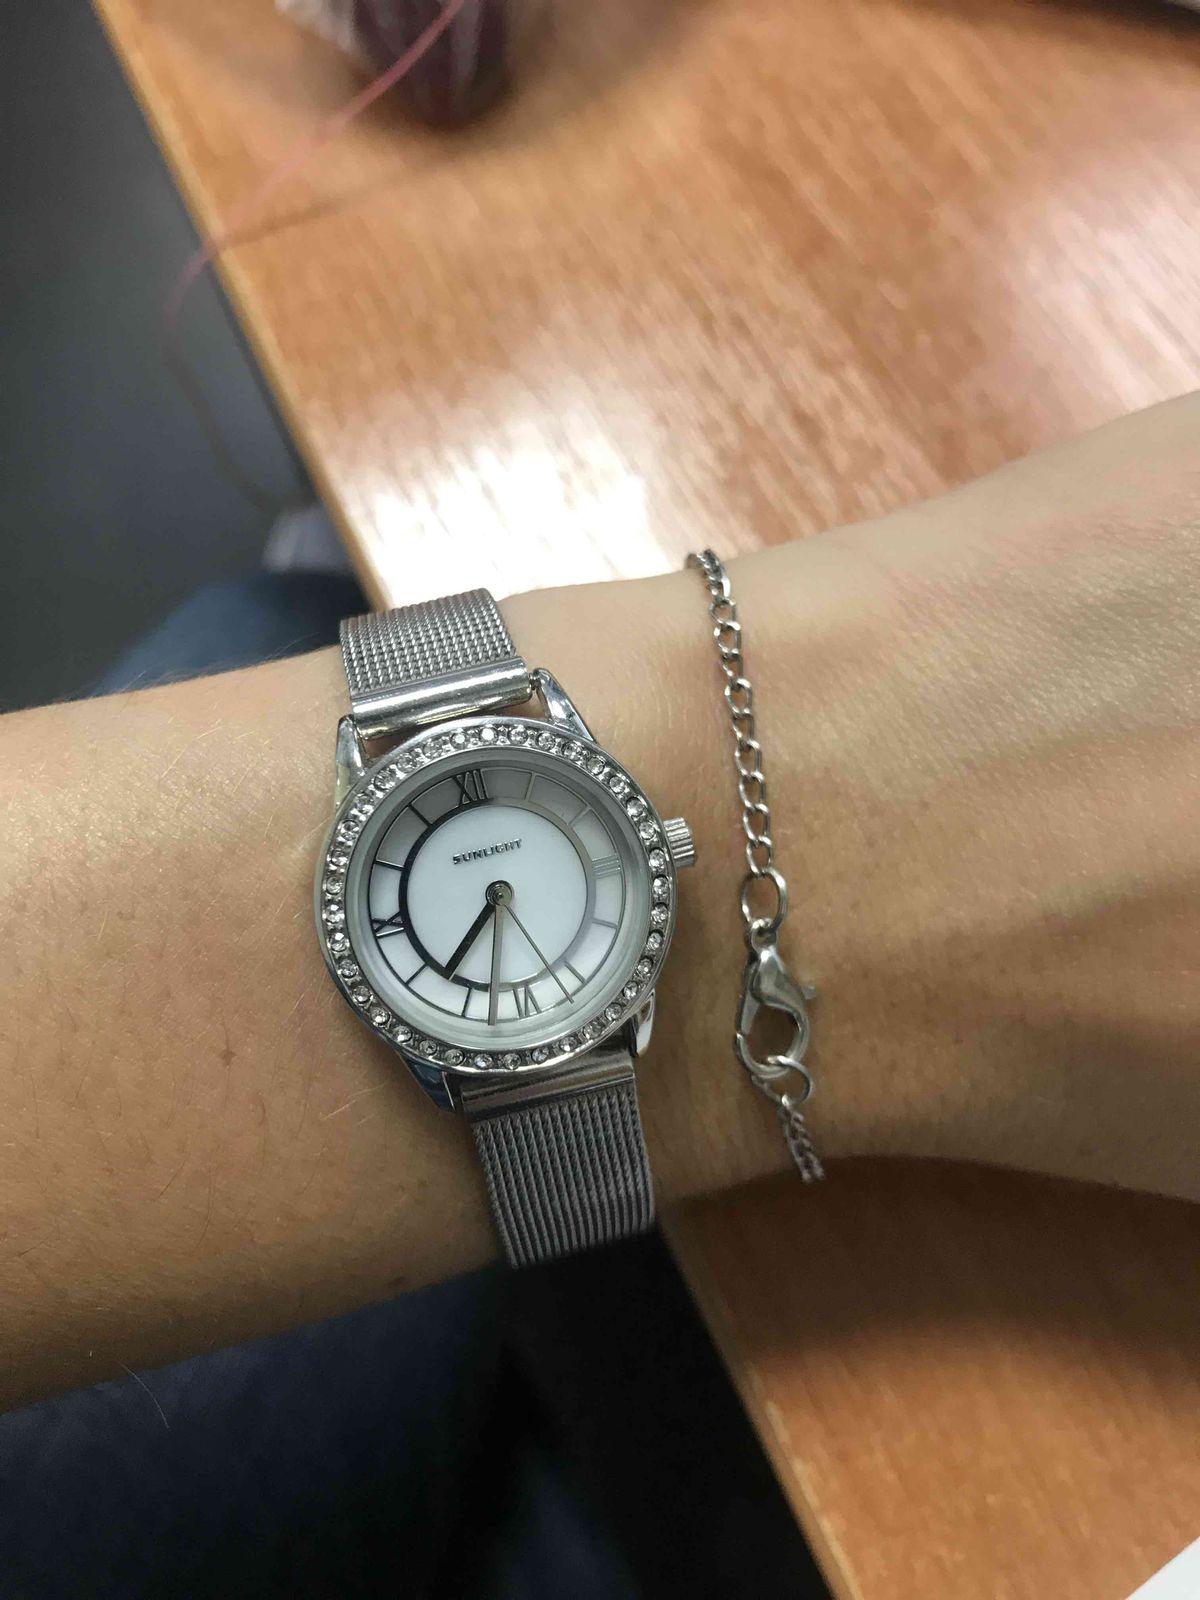 Отпадные часы, берите не пожалеете !!!